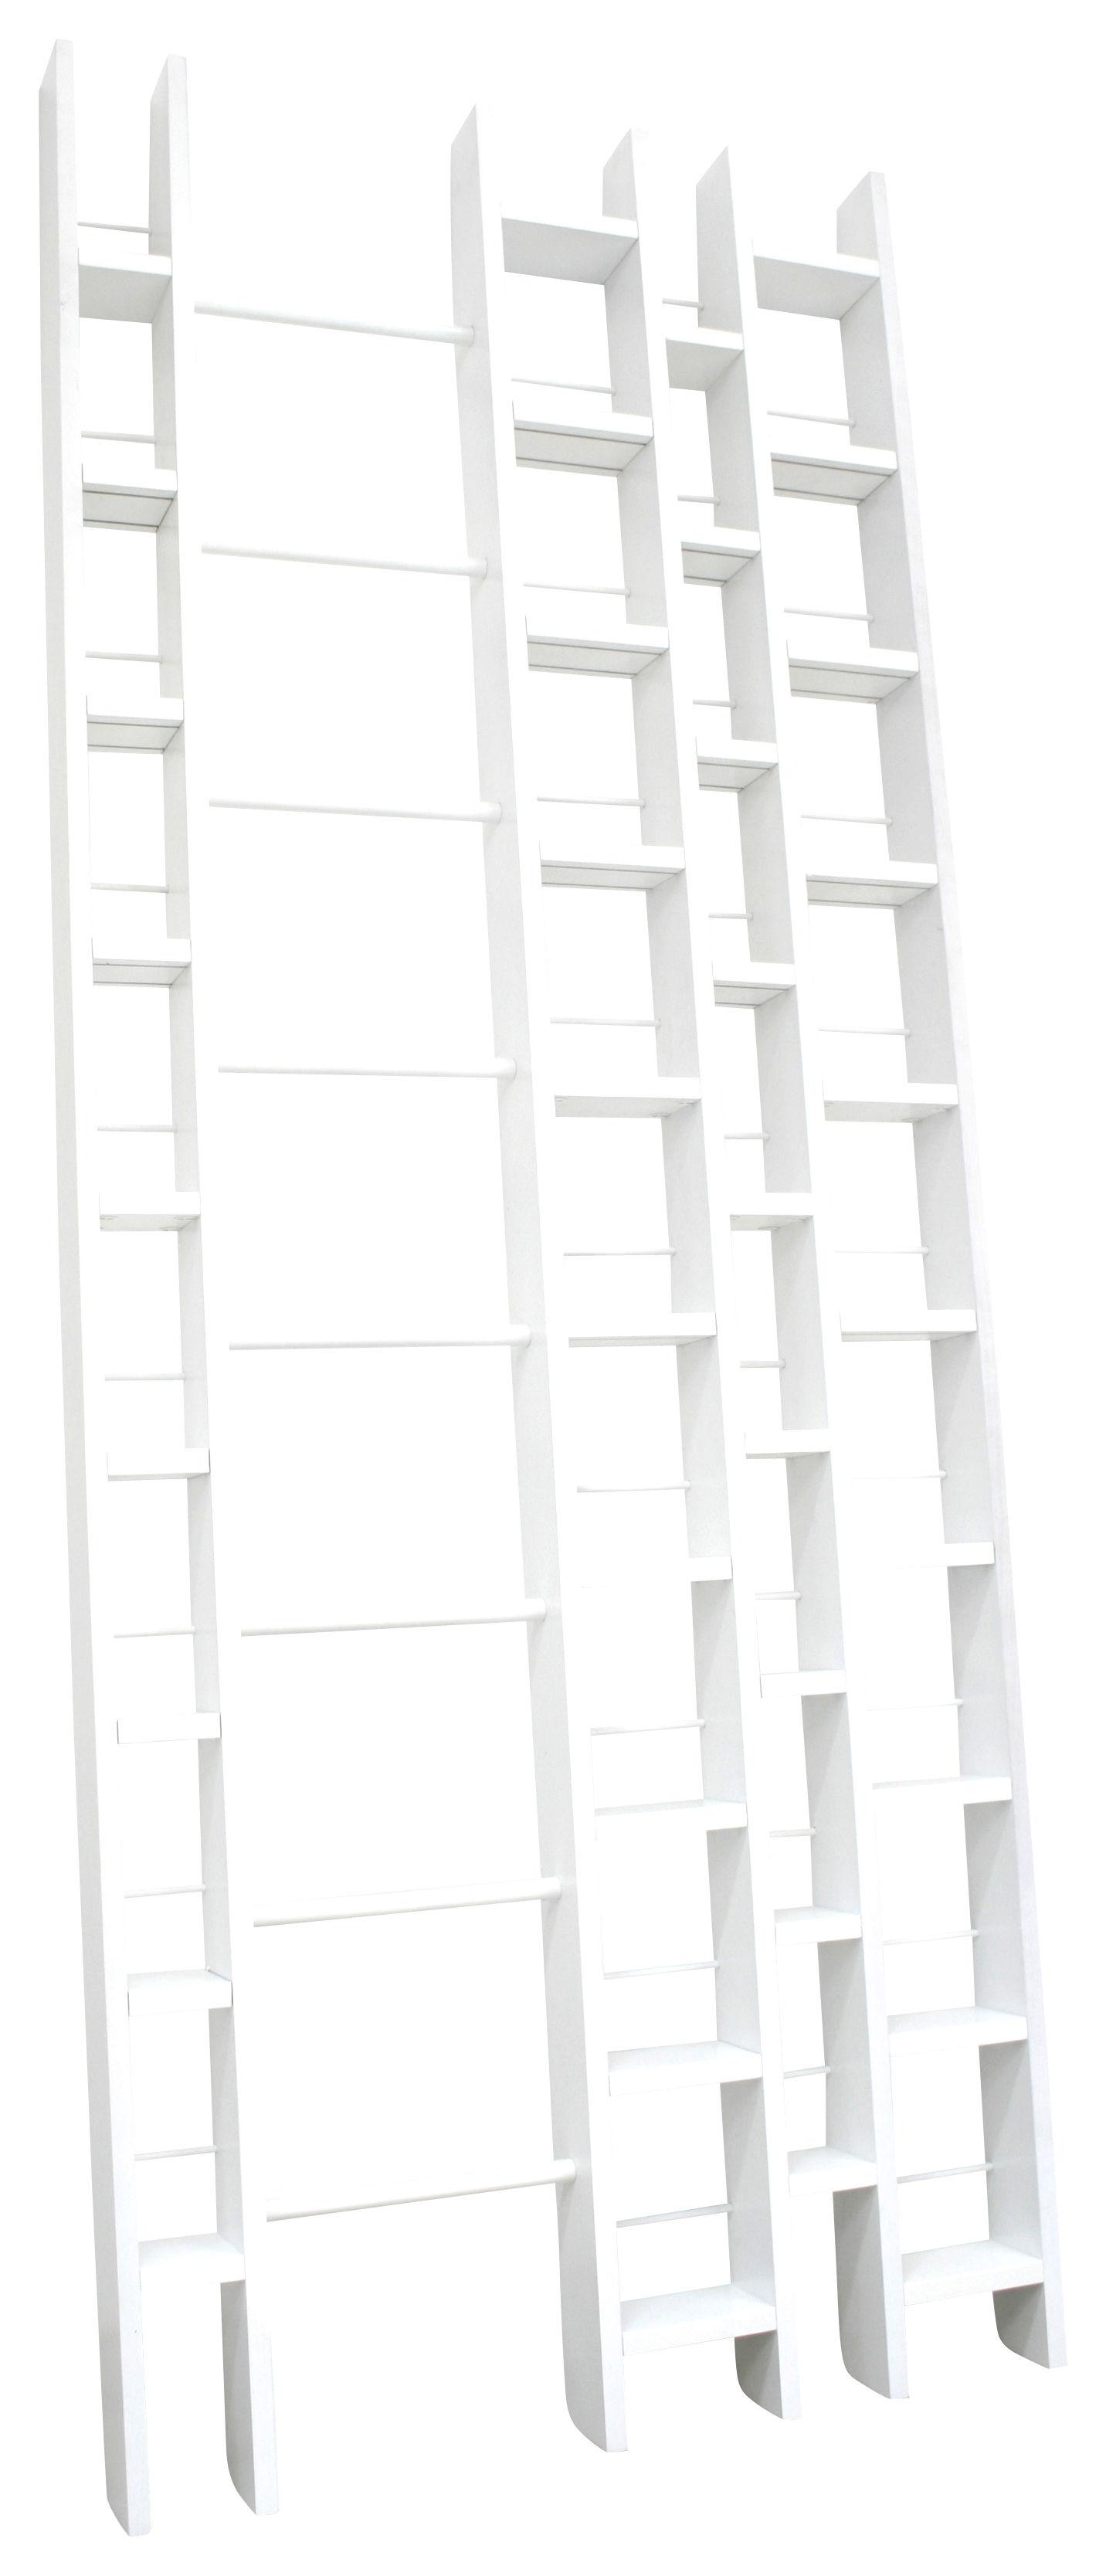 Mobilier - Etagères & bibliothèques - Bibliothèque Hô + / L 96 x H 240 cm - La Corbeille - Blanc - Hêtre massif laqué